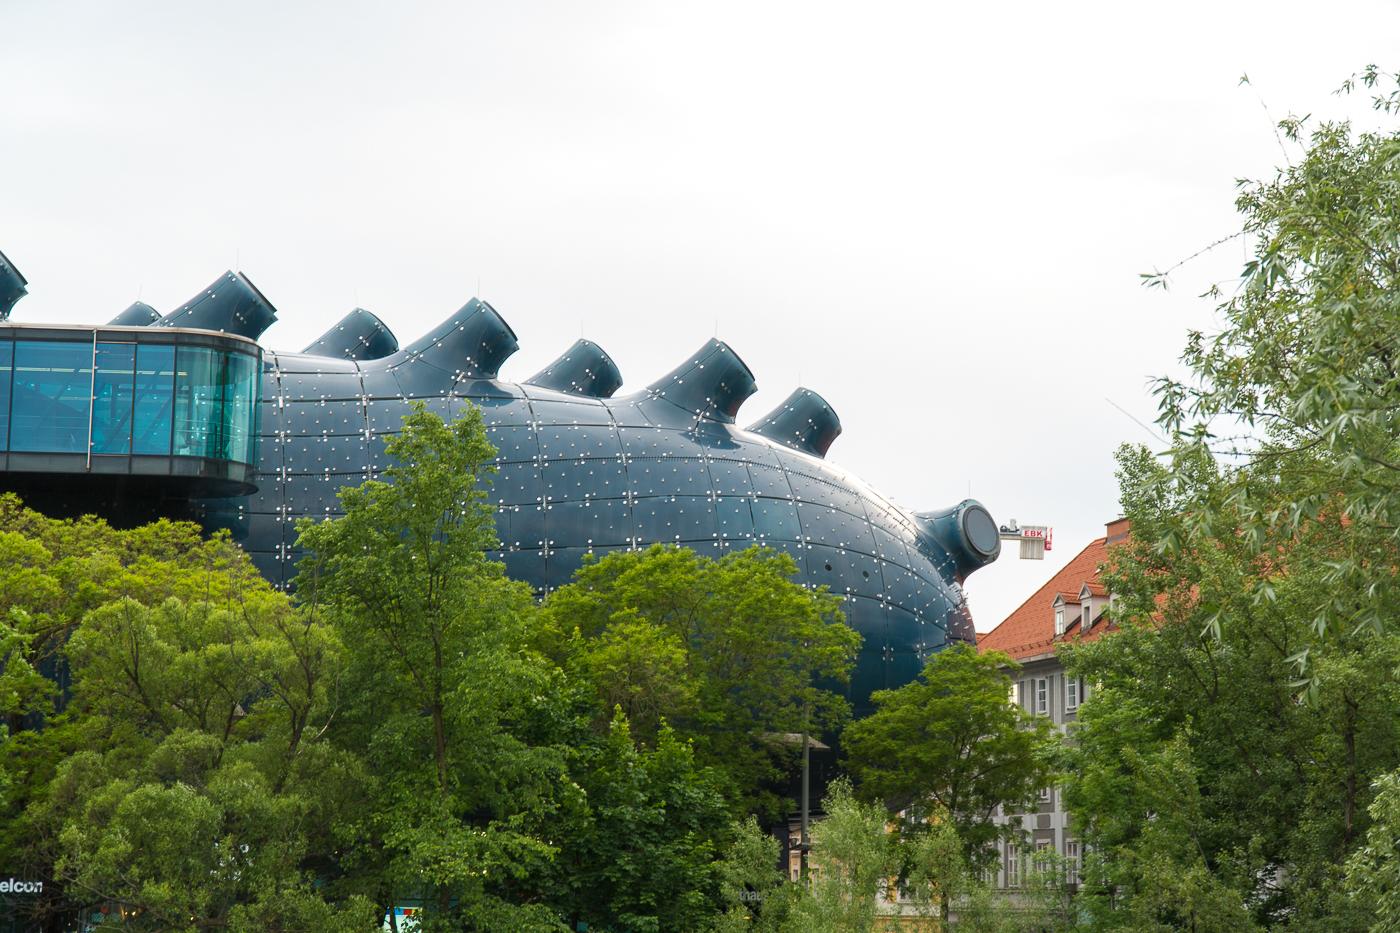 Extérieur du musée Kunsthaus Graz et son friendly alien